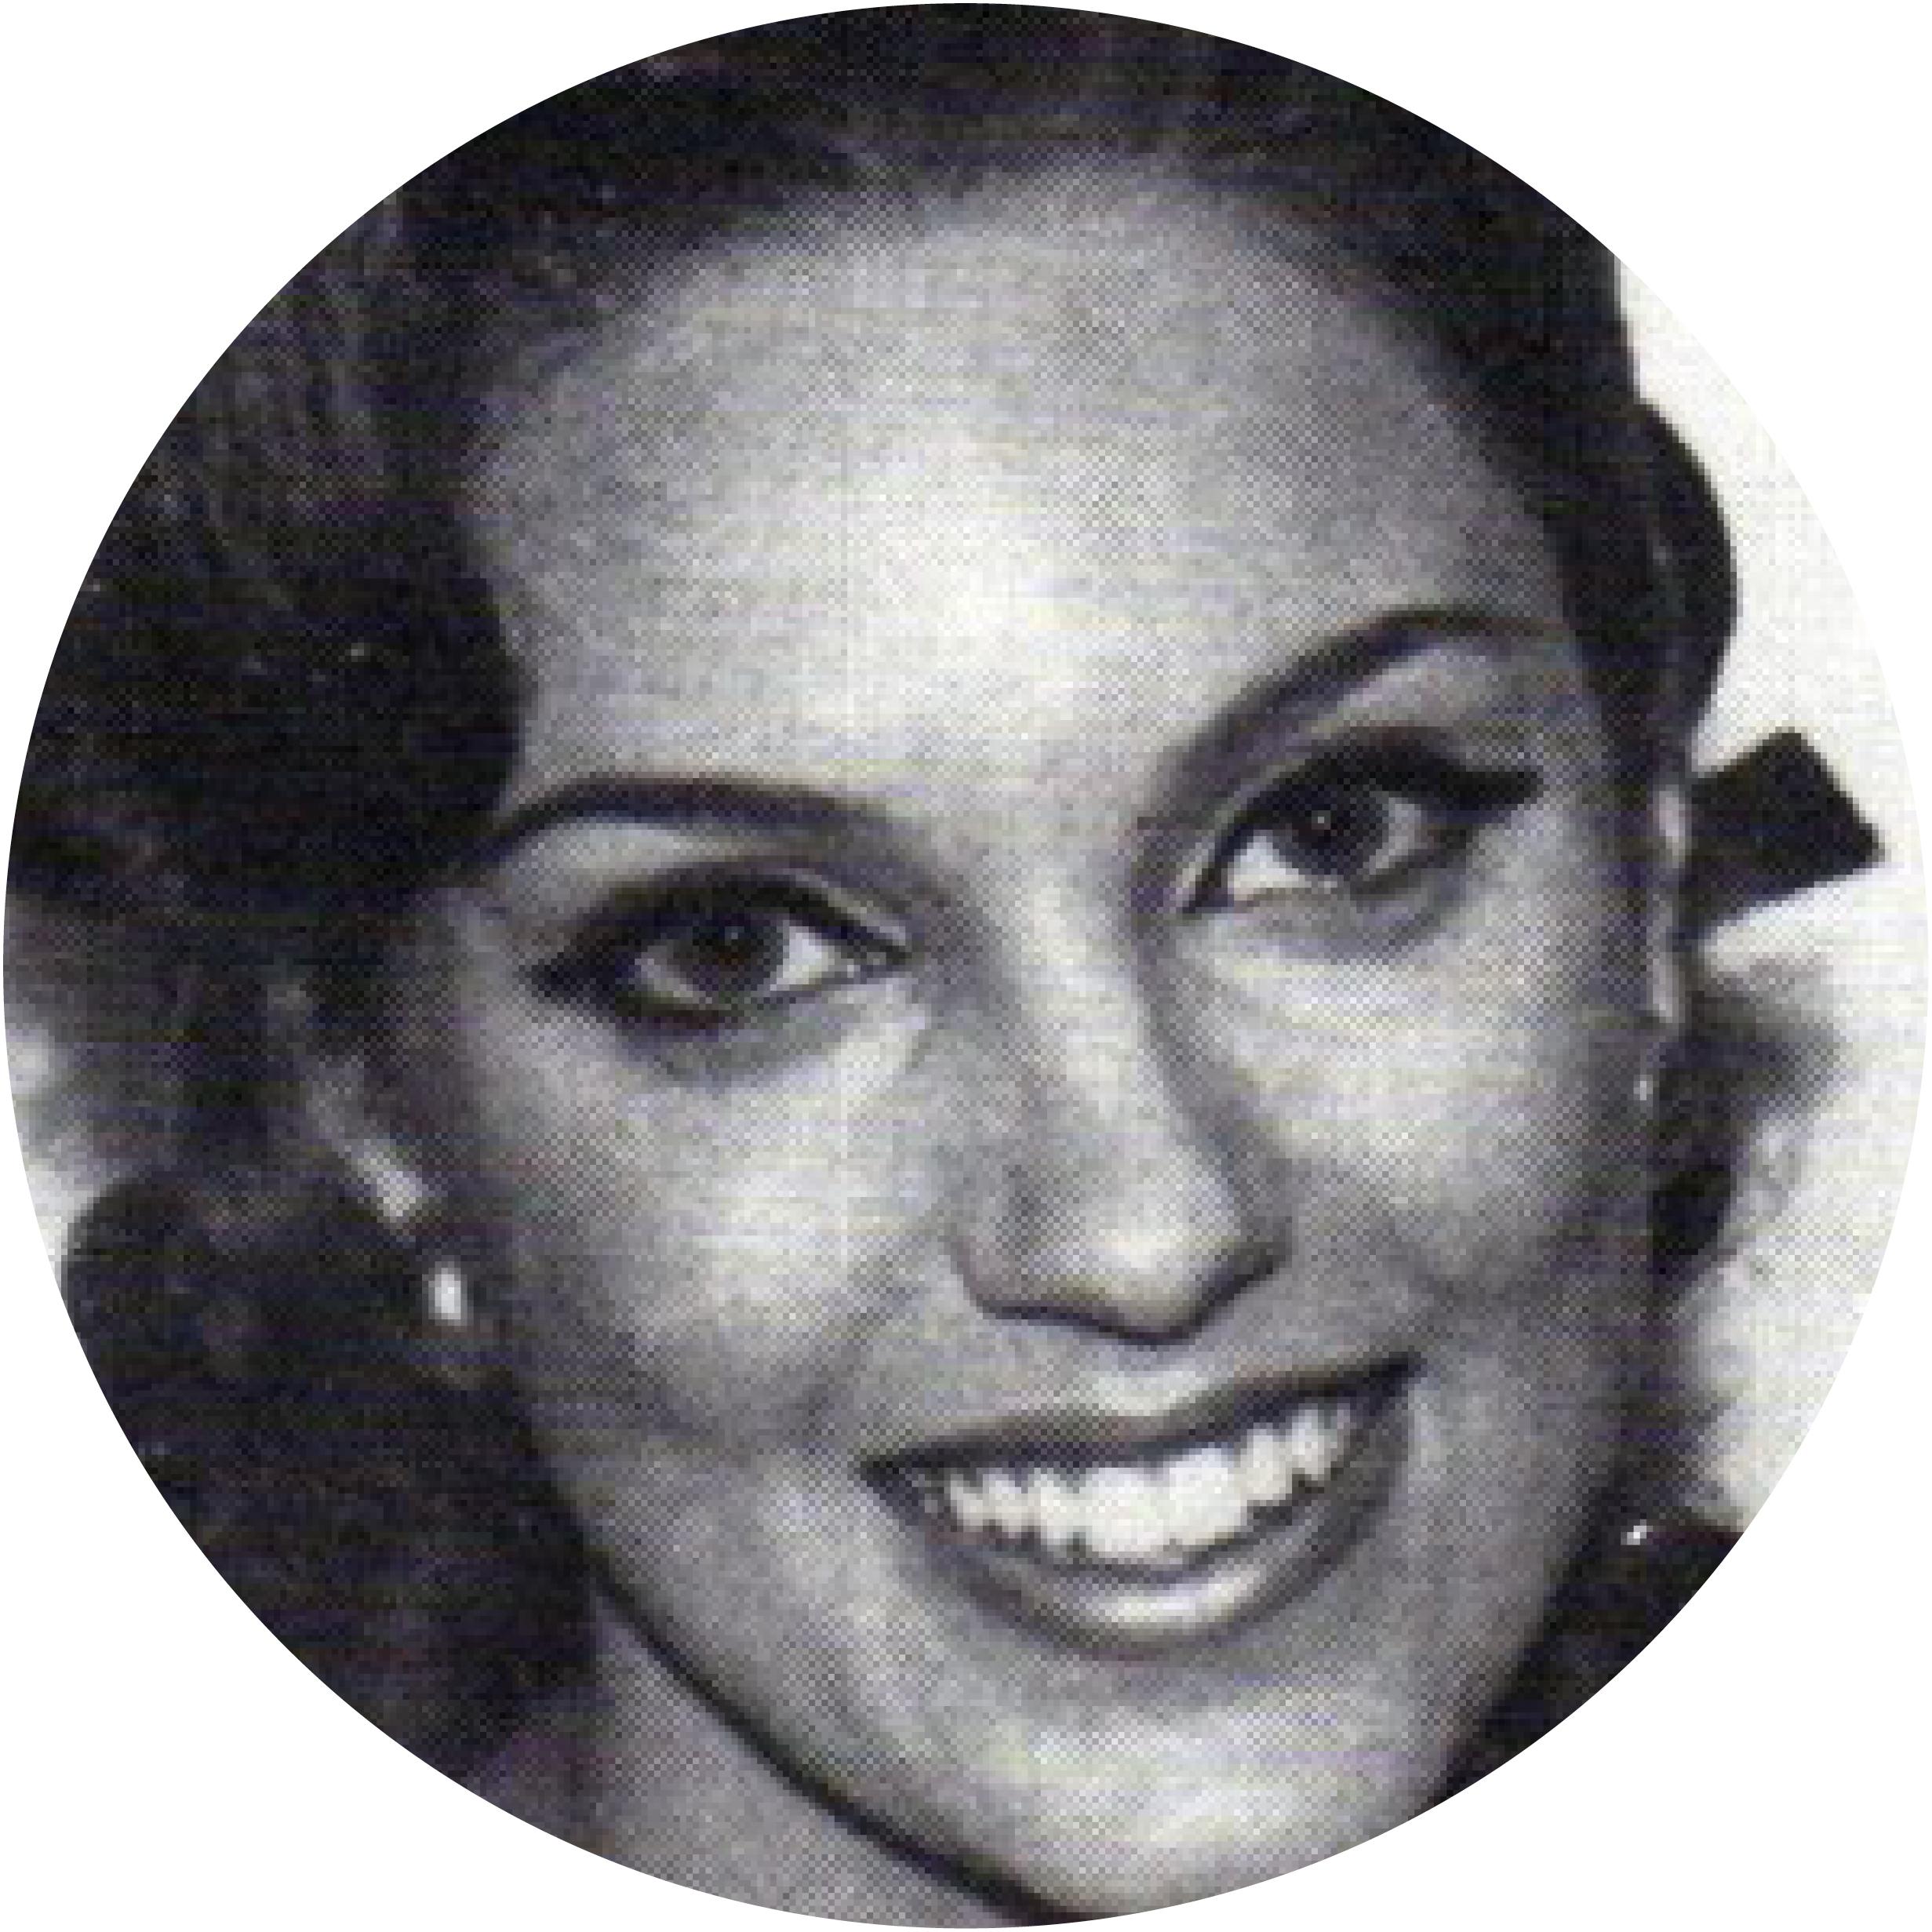 Mitzianna Stander